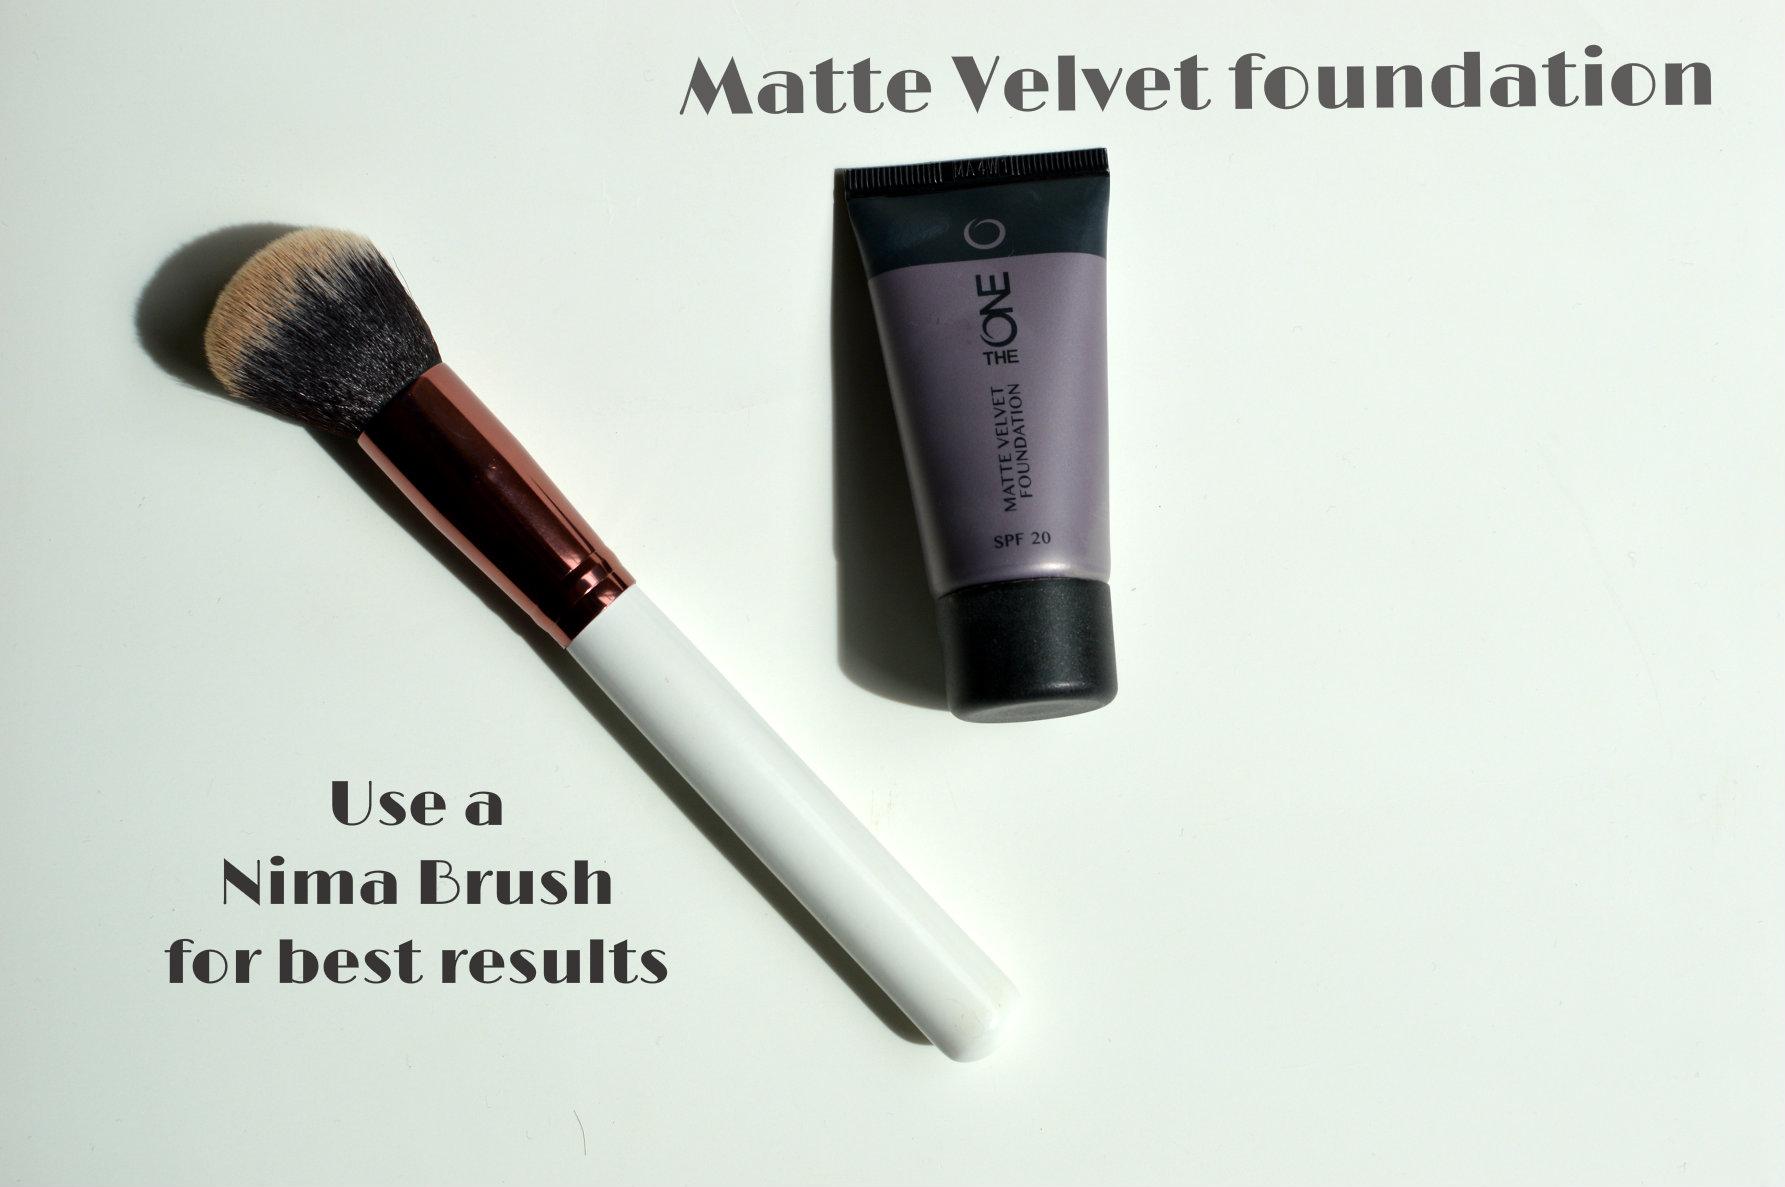 Oriflame The One matte velvet foundation & Nima brush